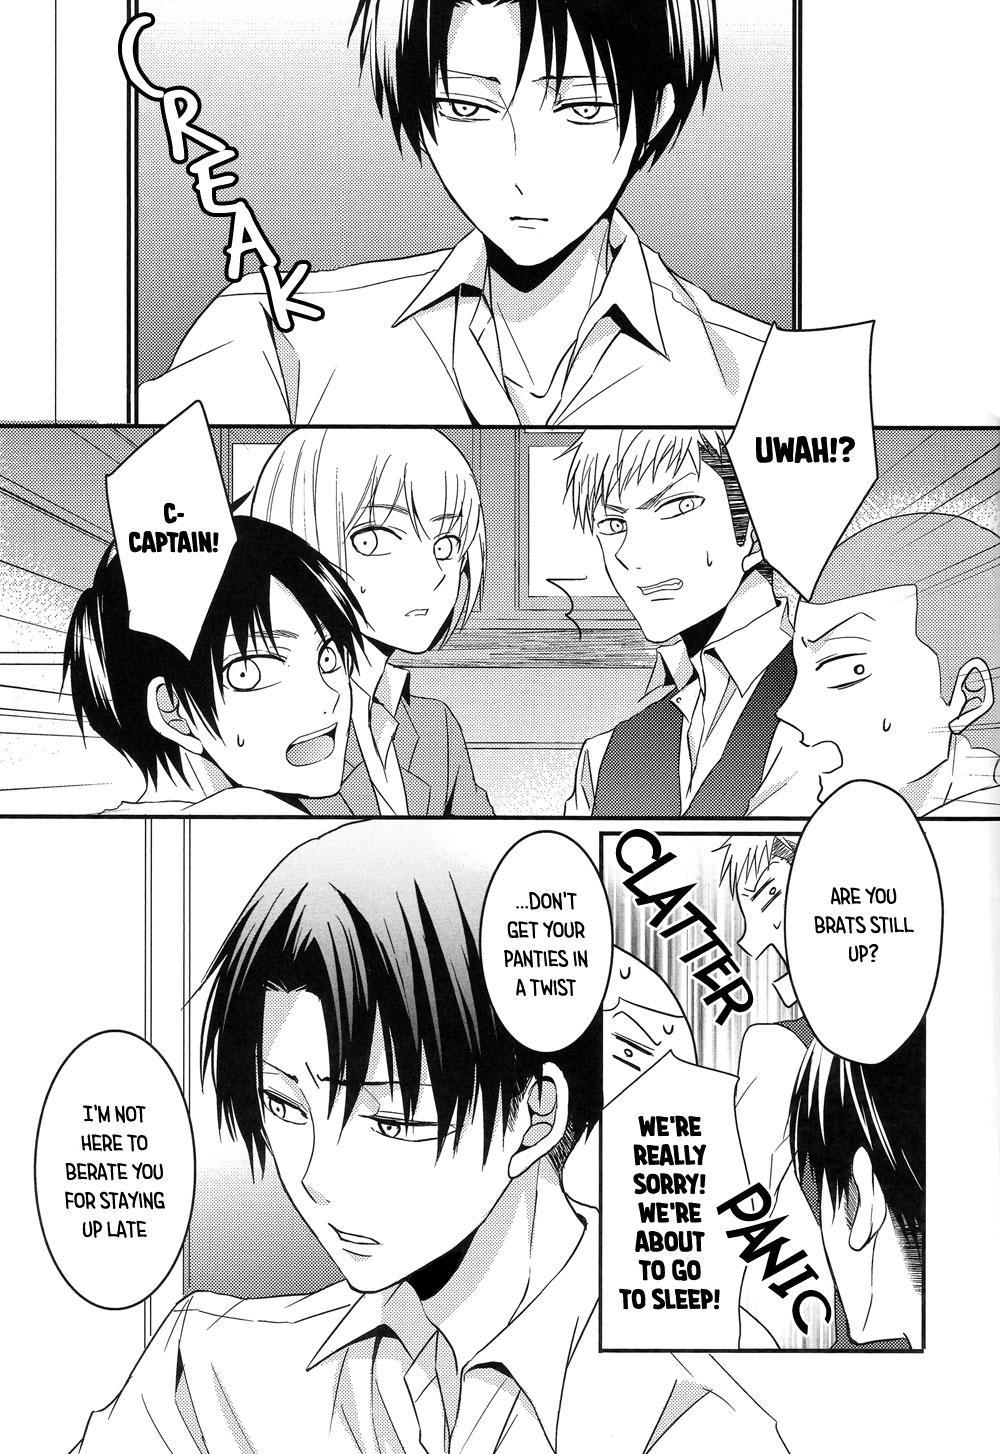 Shinpei no Dokusen yoku ga tsuyo sugite komaru. | The Newbie's Desire to Monopolize is Just Too Strong 3